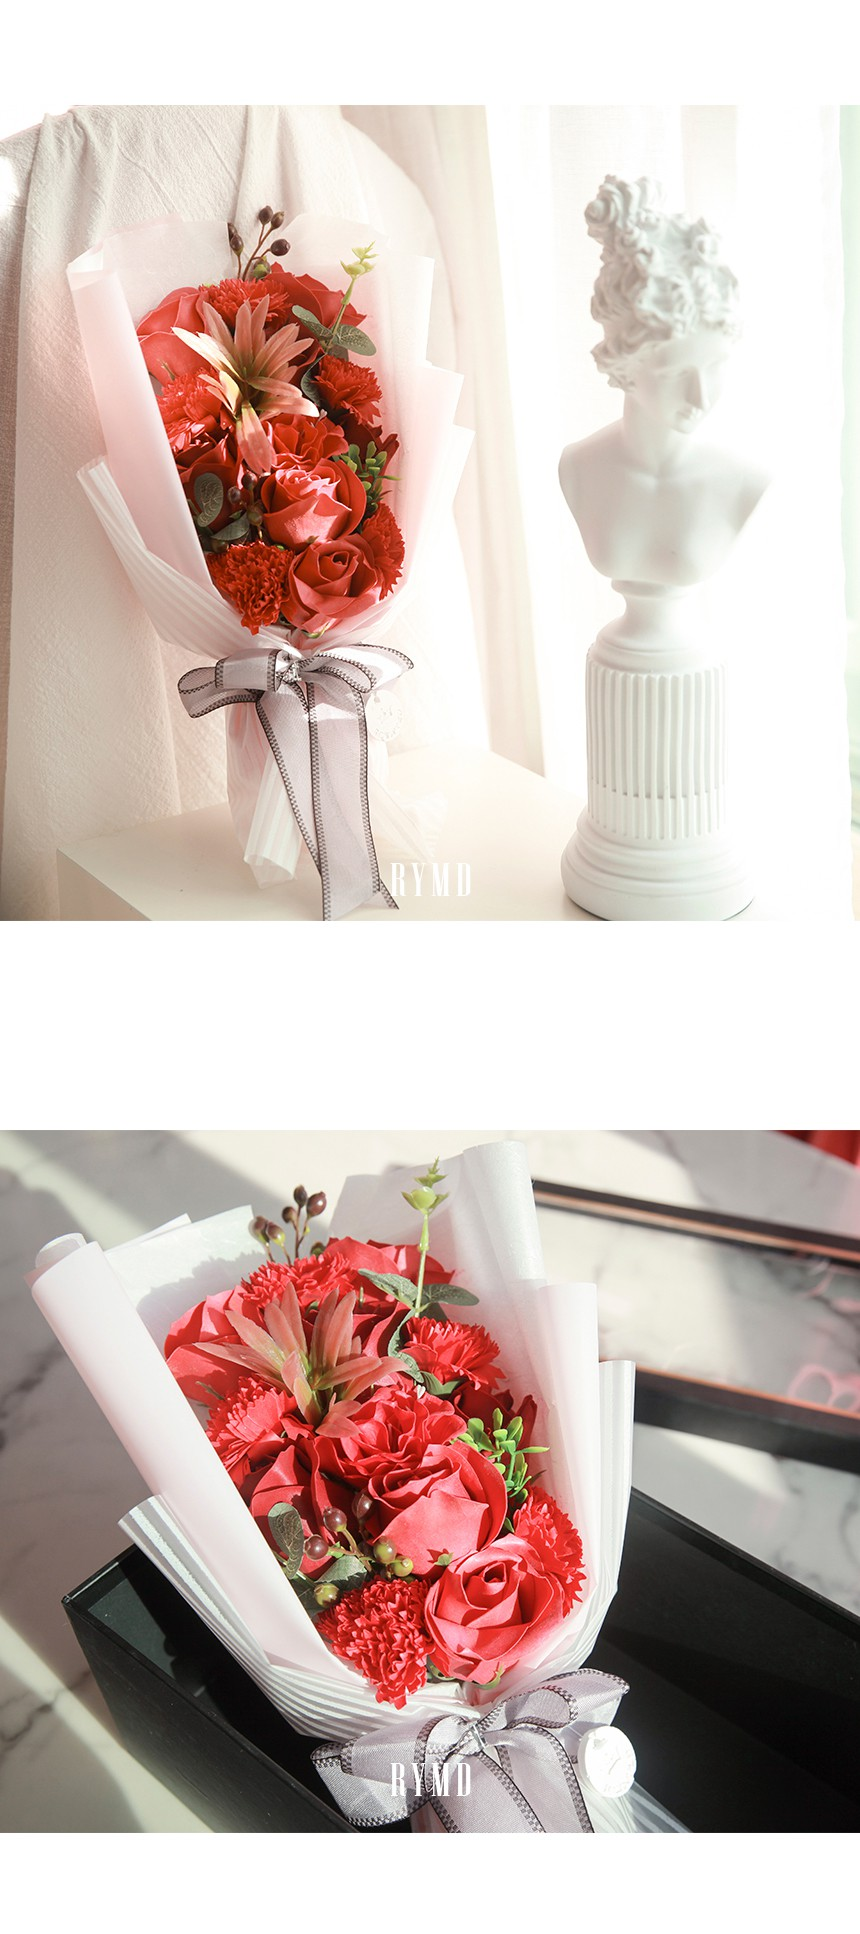 bloom-page_05.jpg